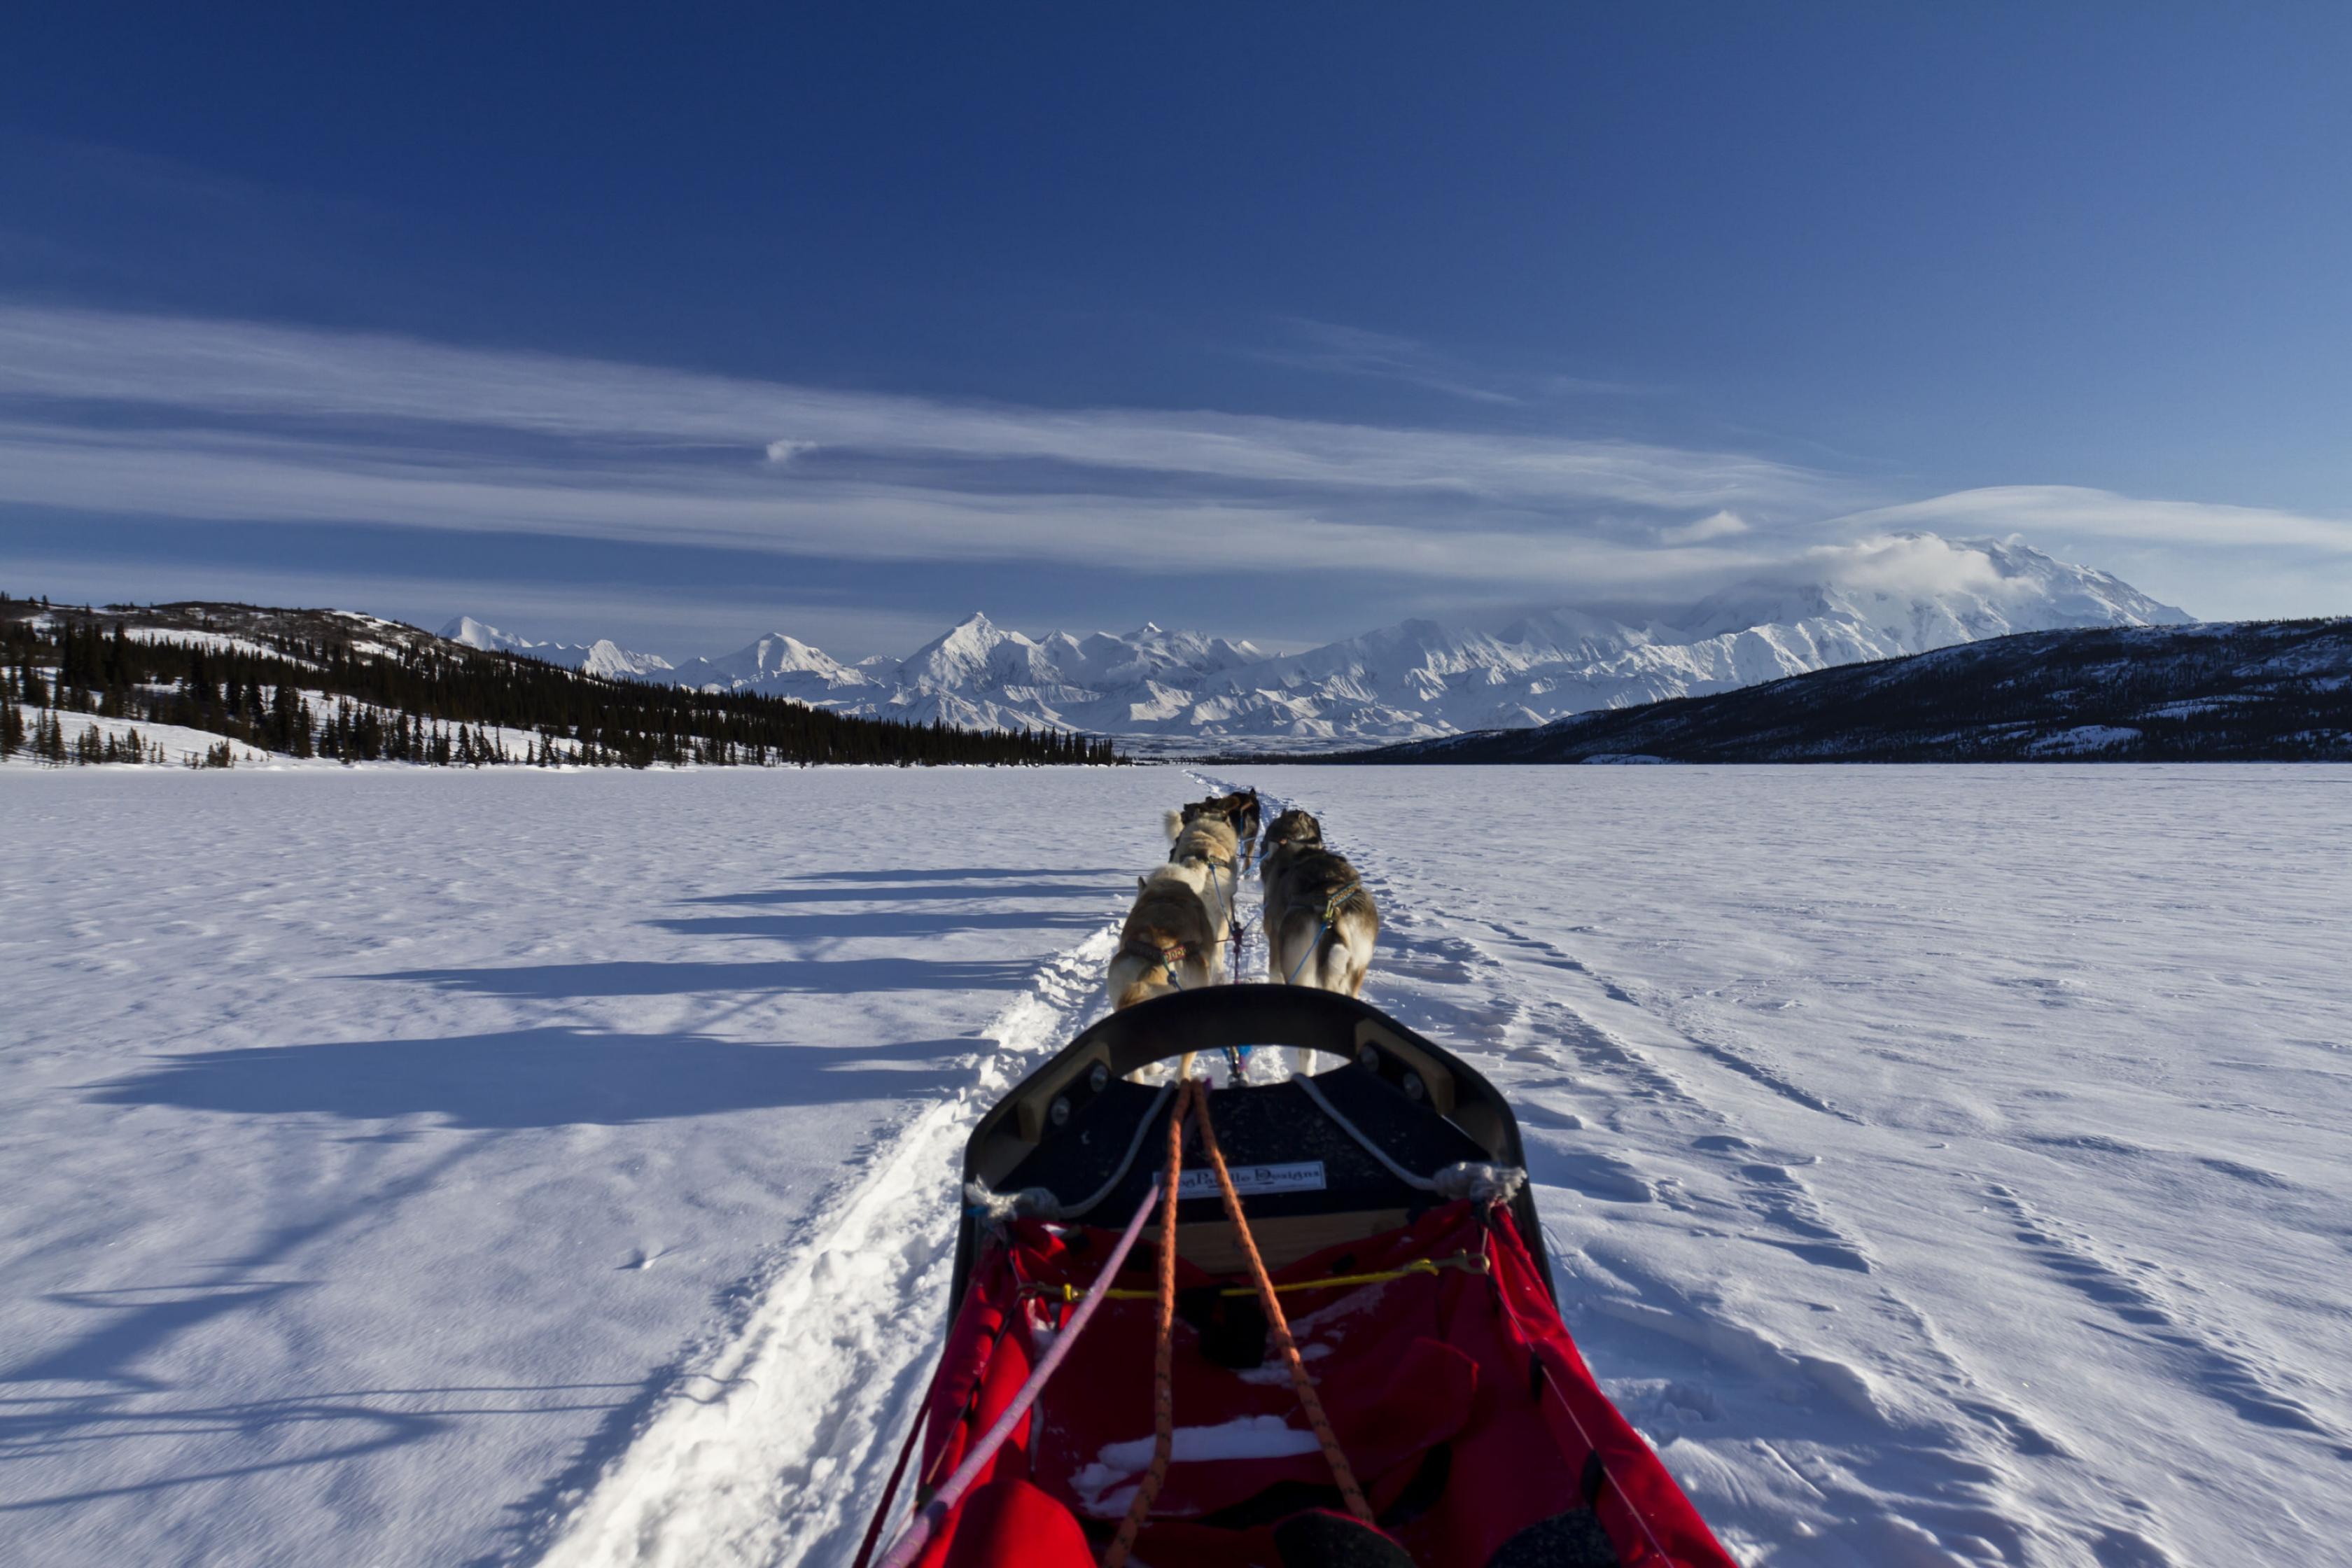 La vista es un trineo tirado por un equipo de perros con montañas en el frente rodeado de nieve en el Parque Nacional y Reserva Denali